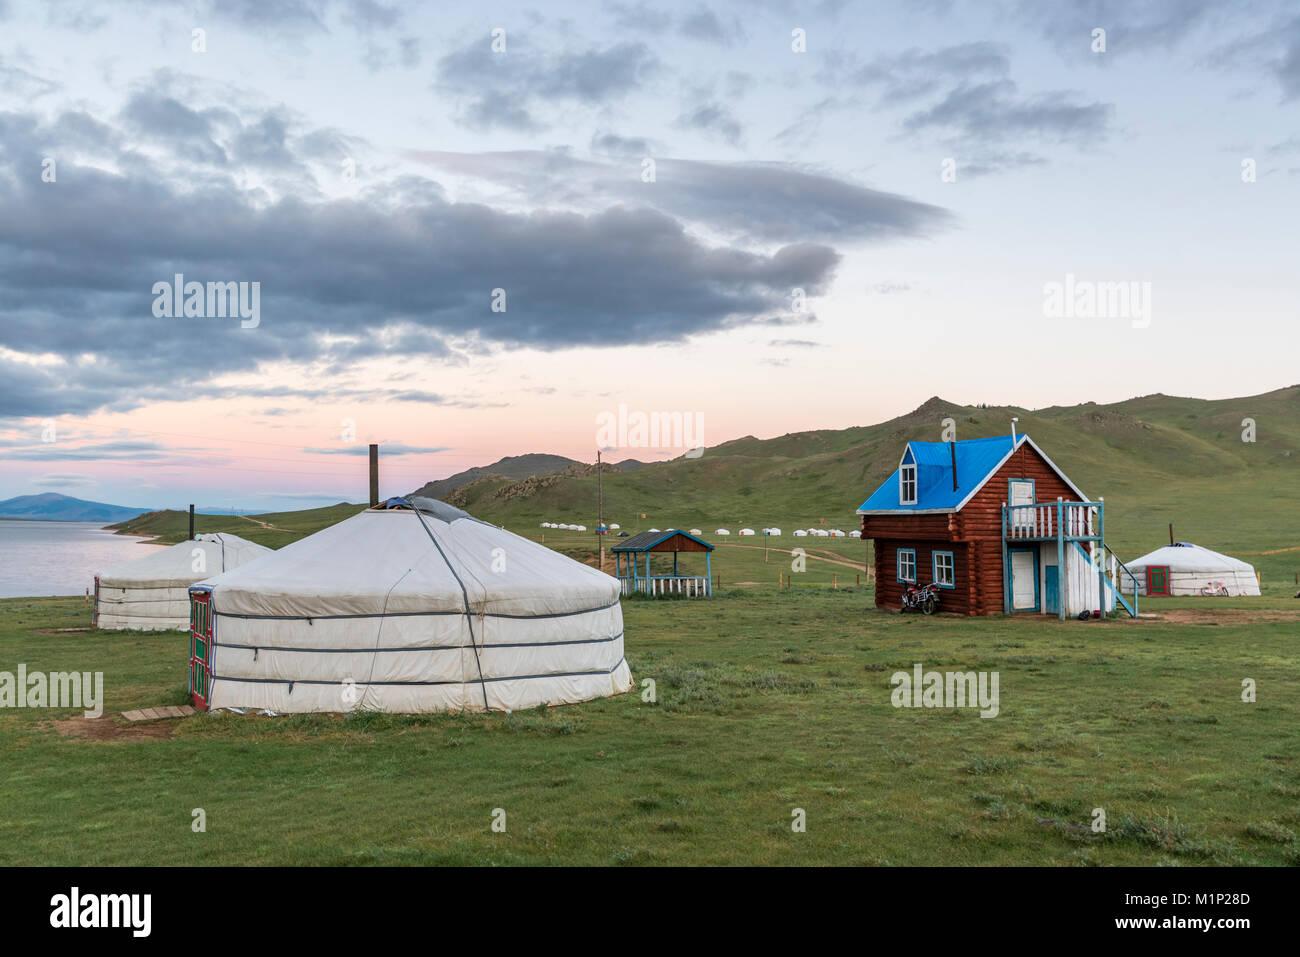 Holzhaus und Gers am Ufer des Weißen Sees, Proletariats Bezirk,Hangay Provinz, Mongolei, Zentralasien, Asien Stockbild